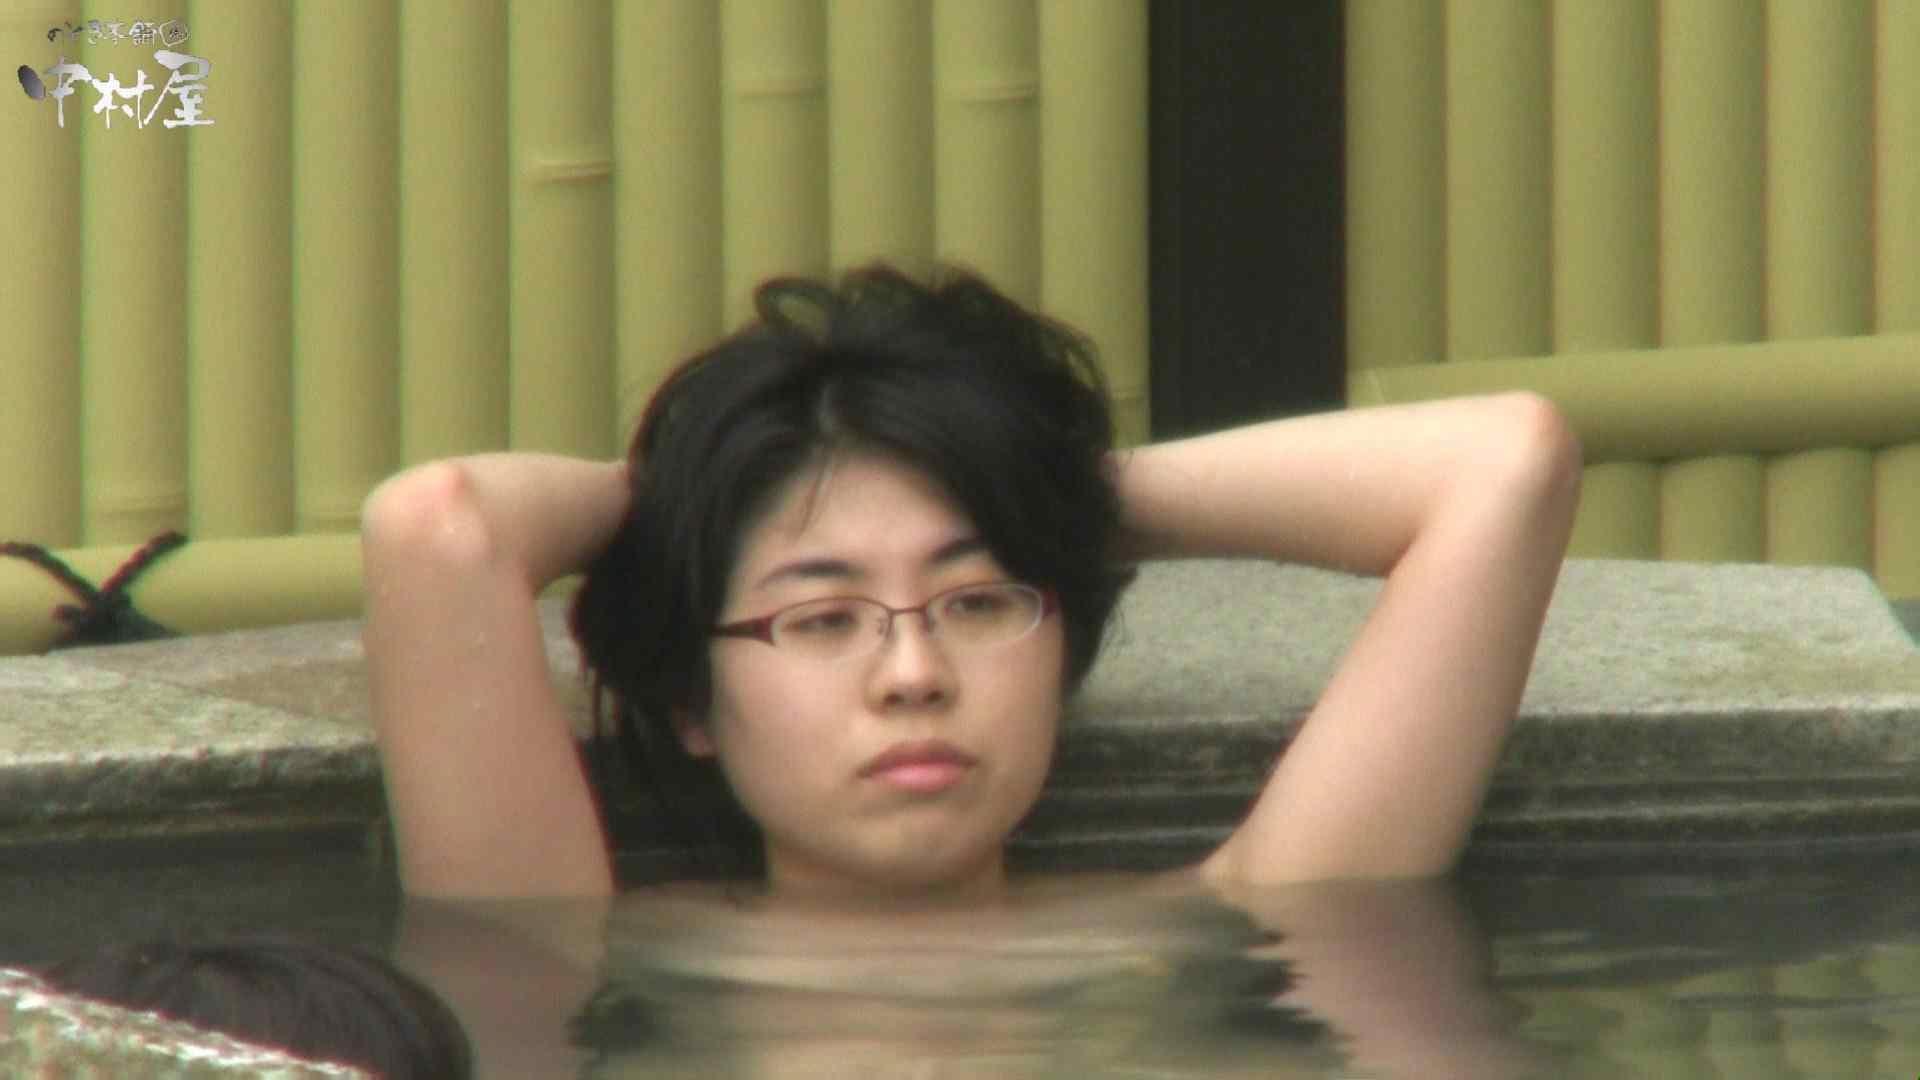 Aquaな露天風呂Vol.947 露天  111枚 96